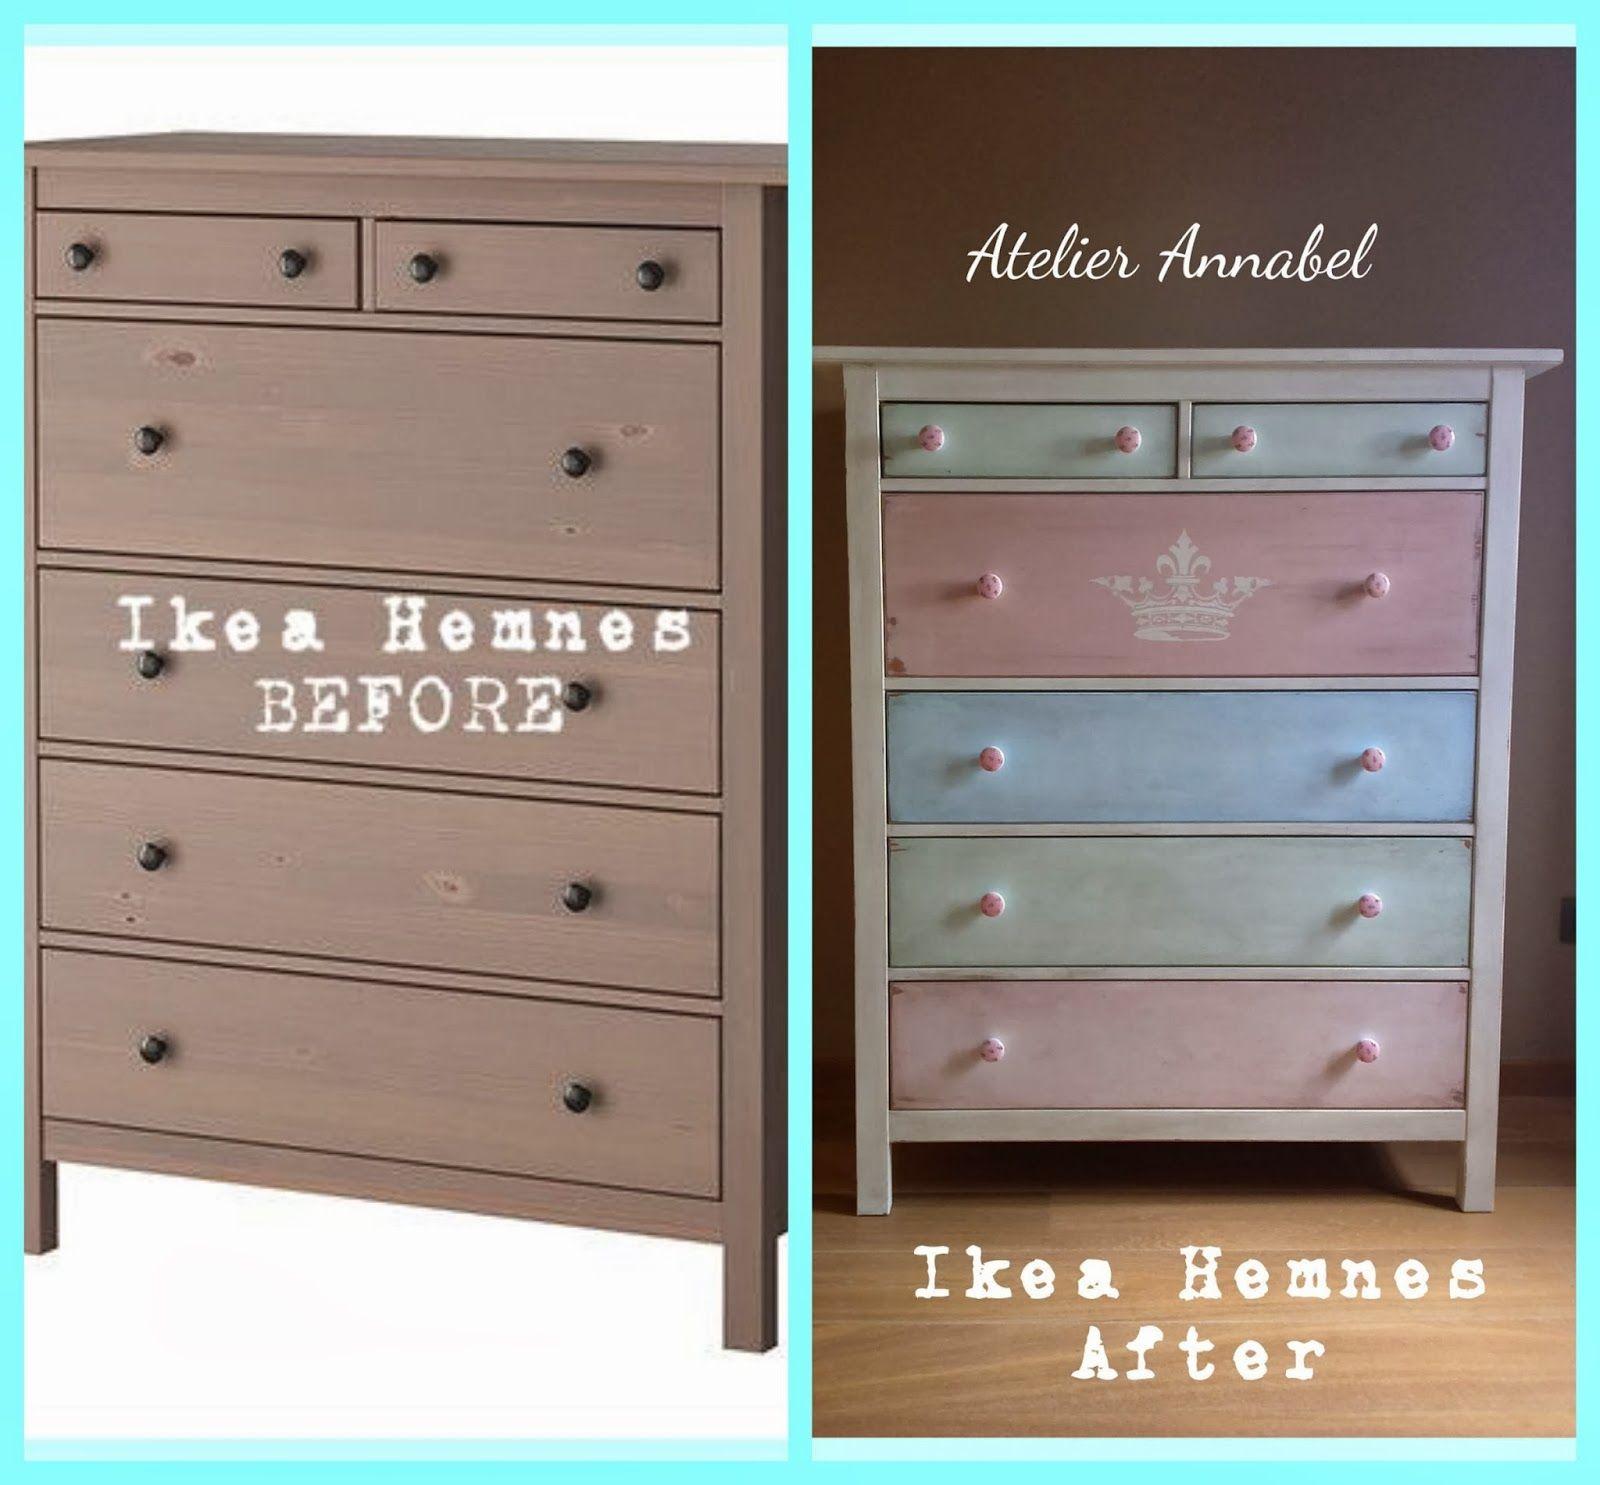 Antes y despu s de un mueble de ikea fant sticamente for Chalk paint muebles ikea